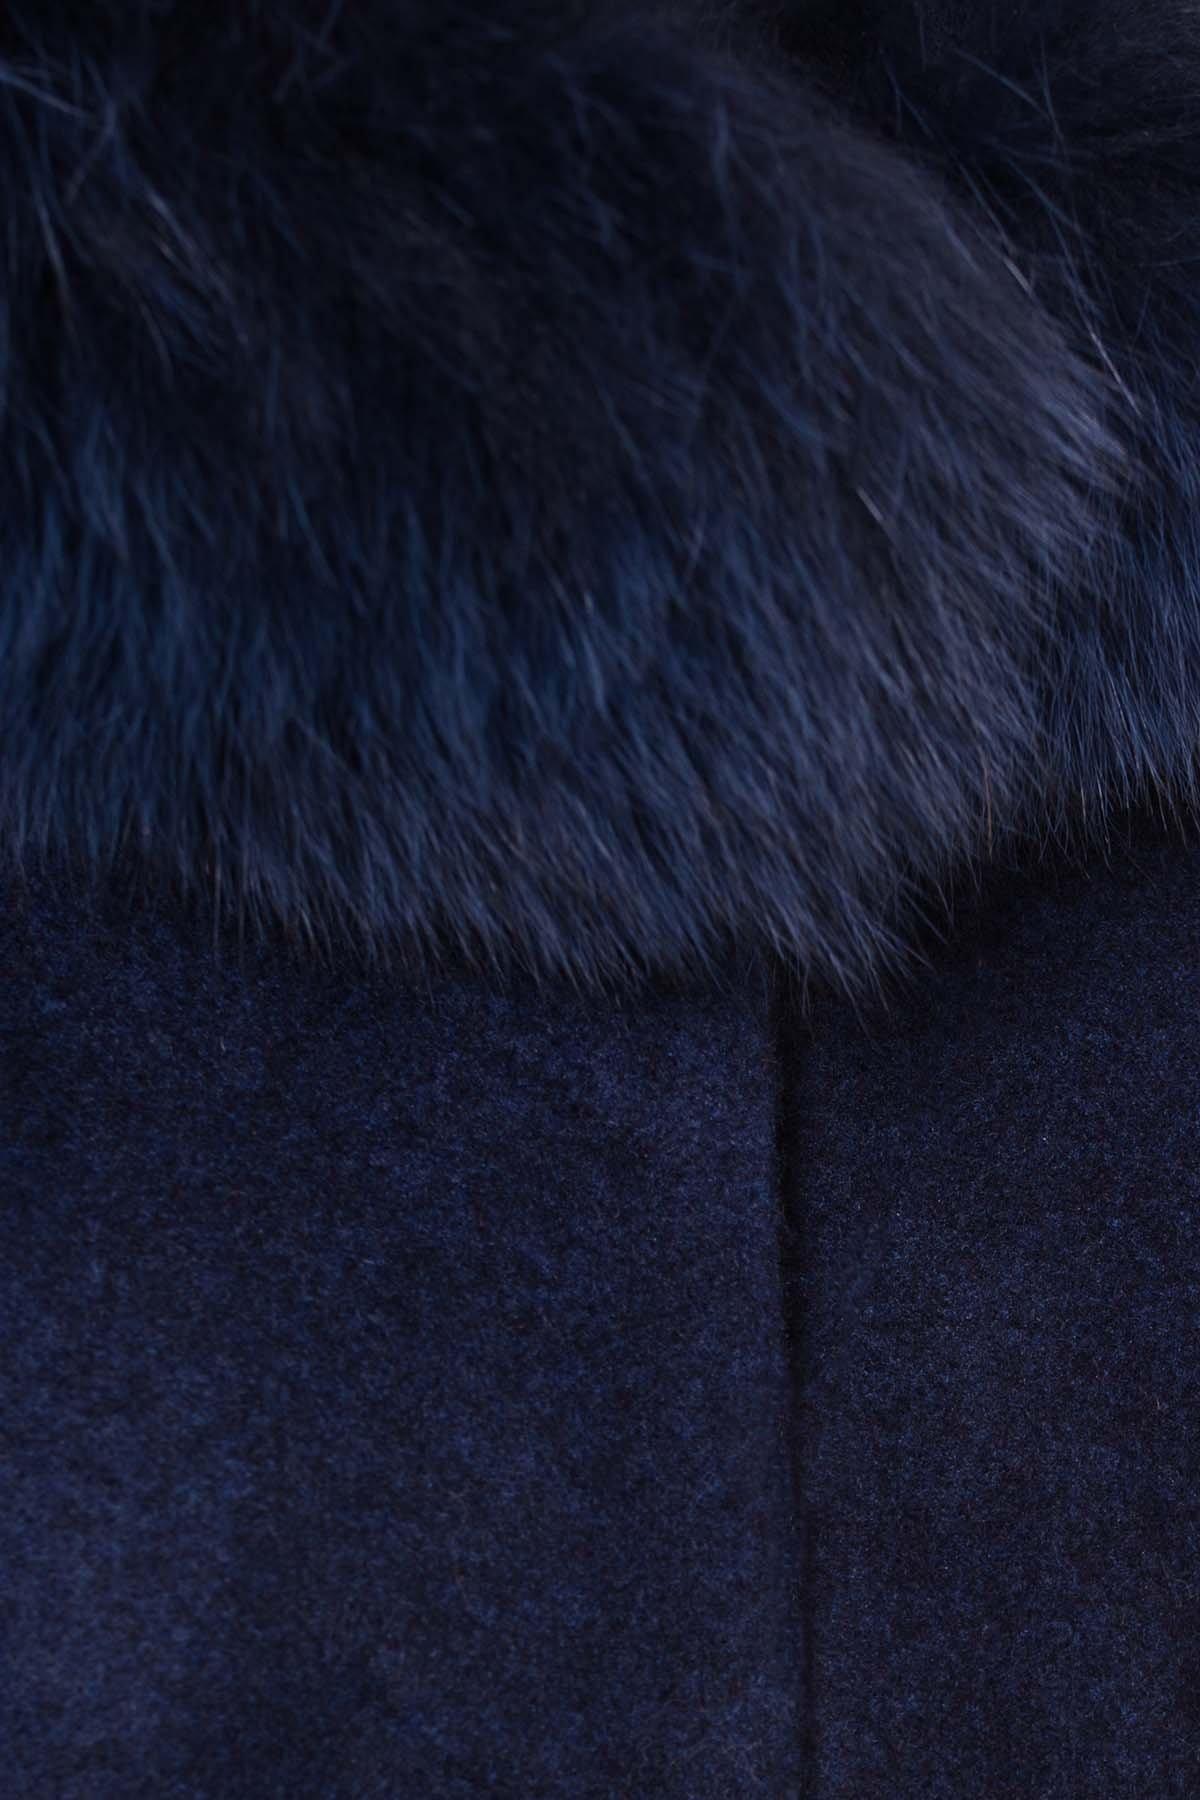 Пальто зима Мелини 5967 АРТ. 40569 Цвет: Т.синий 17 - фото 5, интернет магазин tm-modus.ru